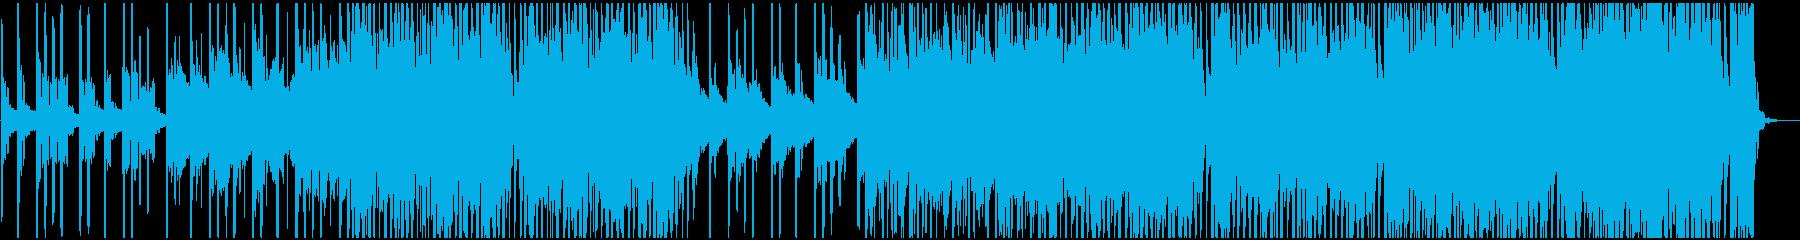 人気のある電子機器 ブレイクビーツ...の再生済みの波形